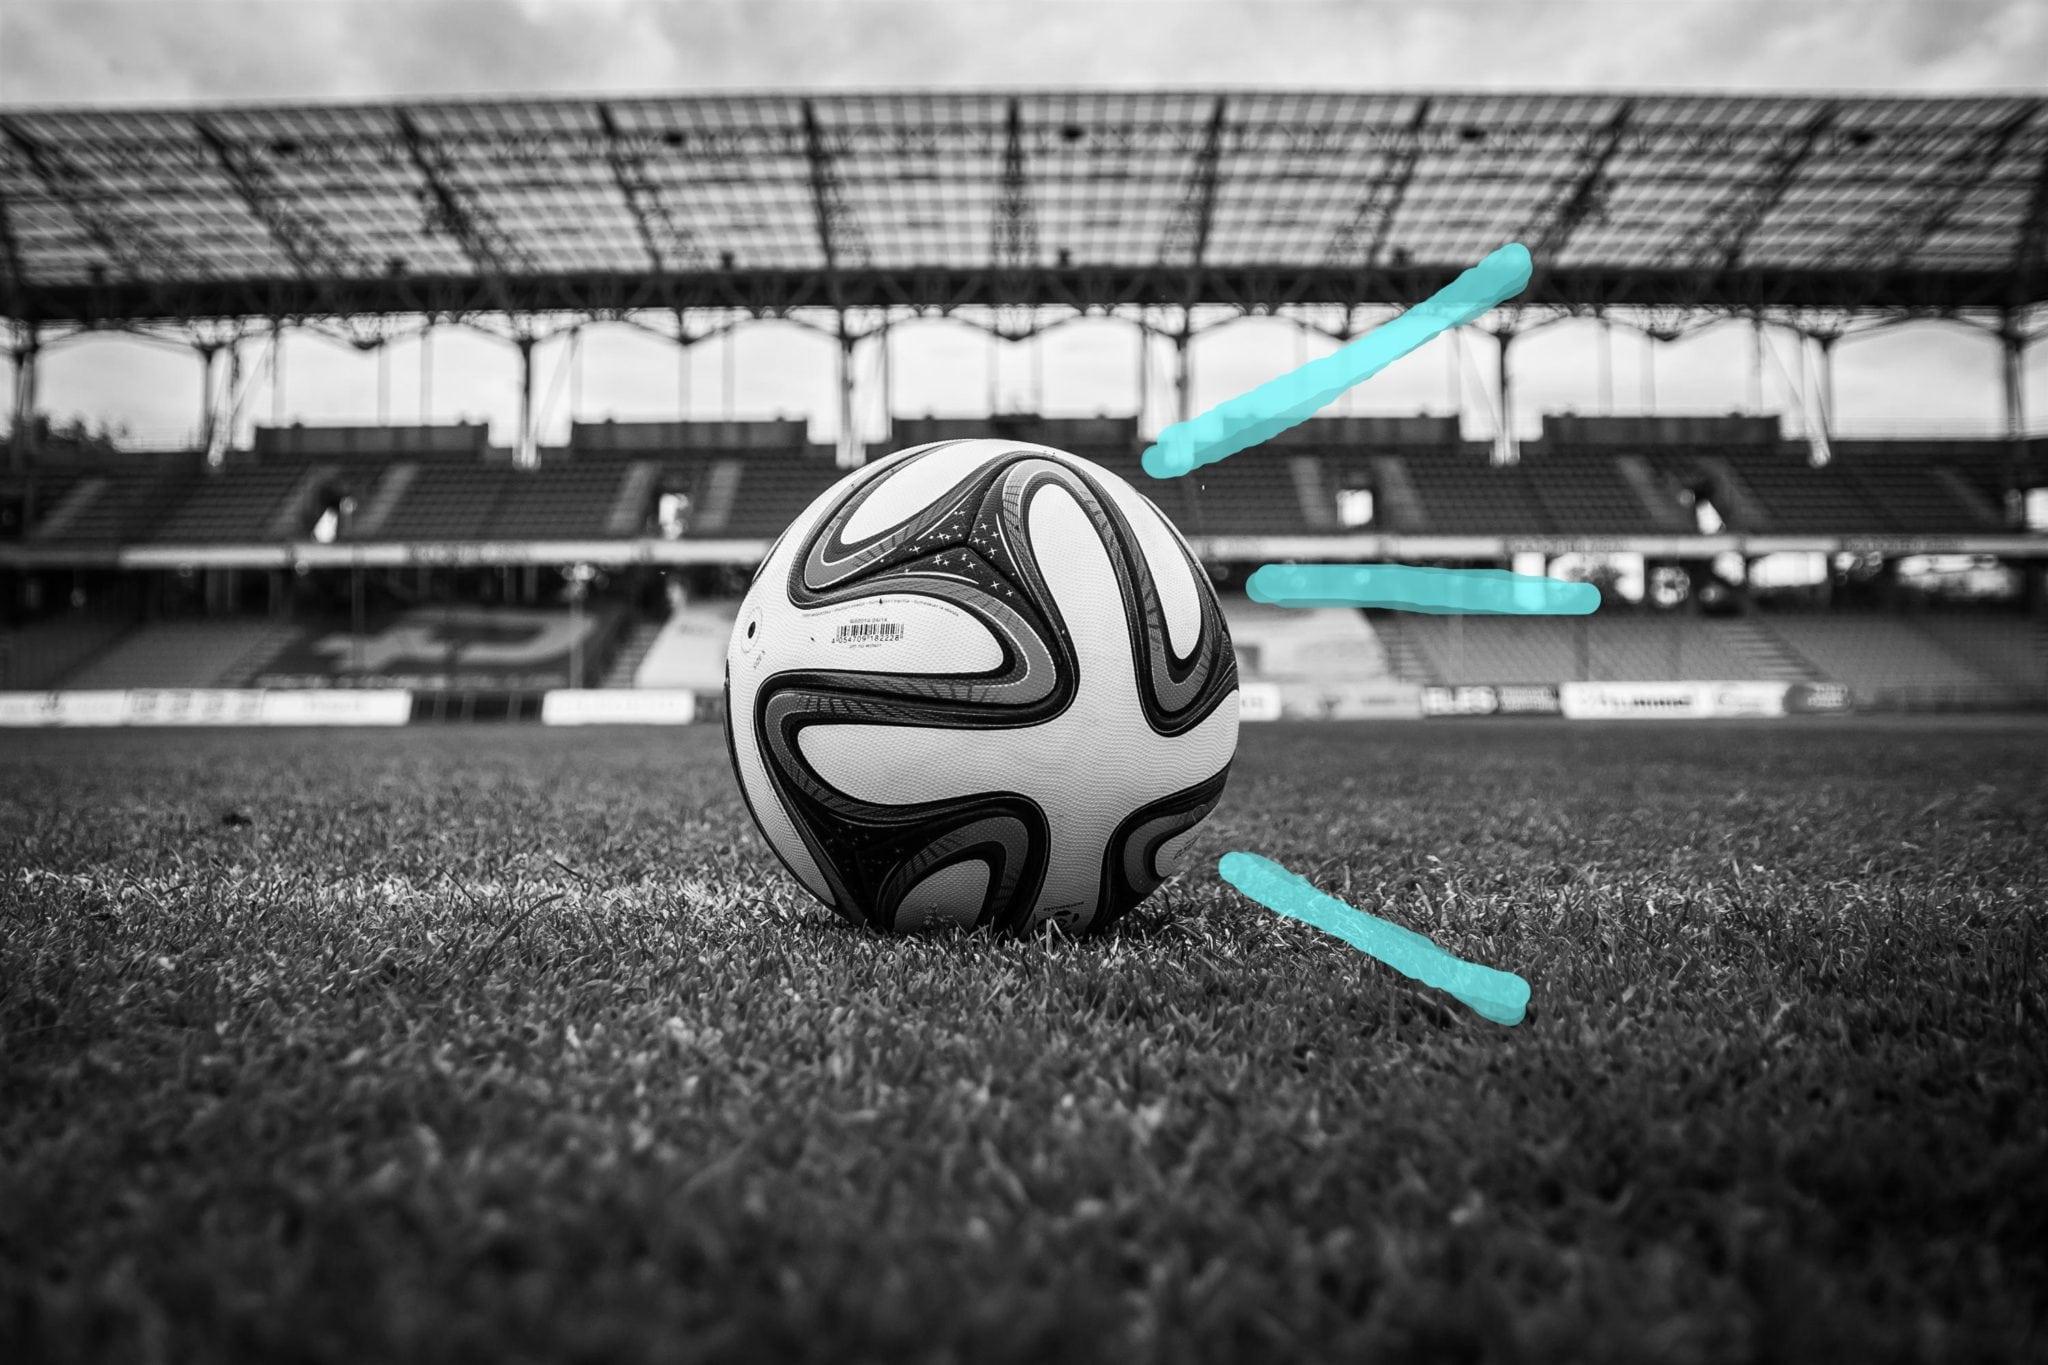 ¿Sabrías decirme quién marcó el último gol del mundial? - Txell Costa Group